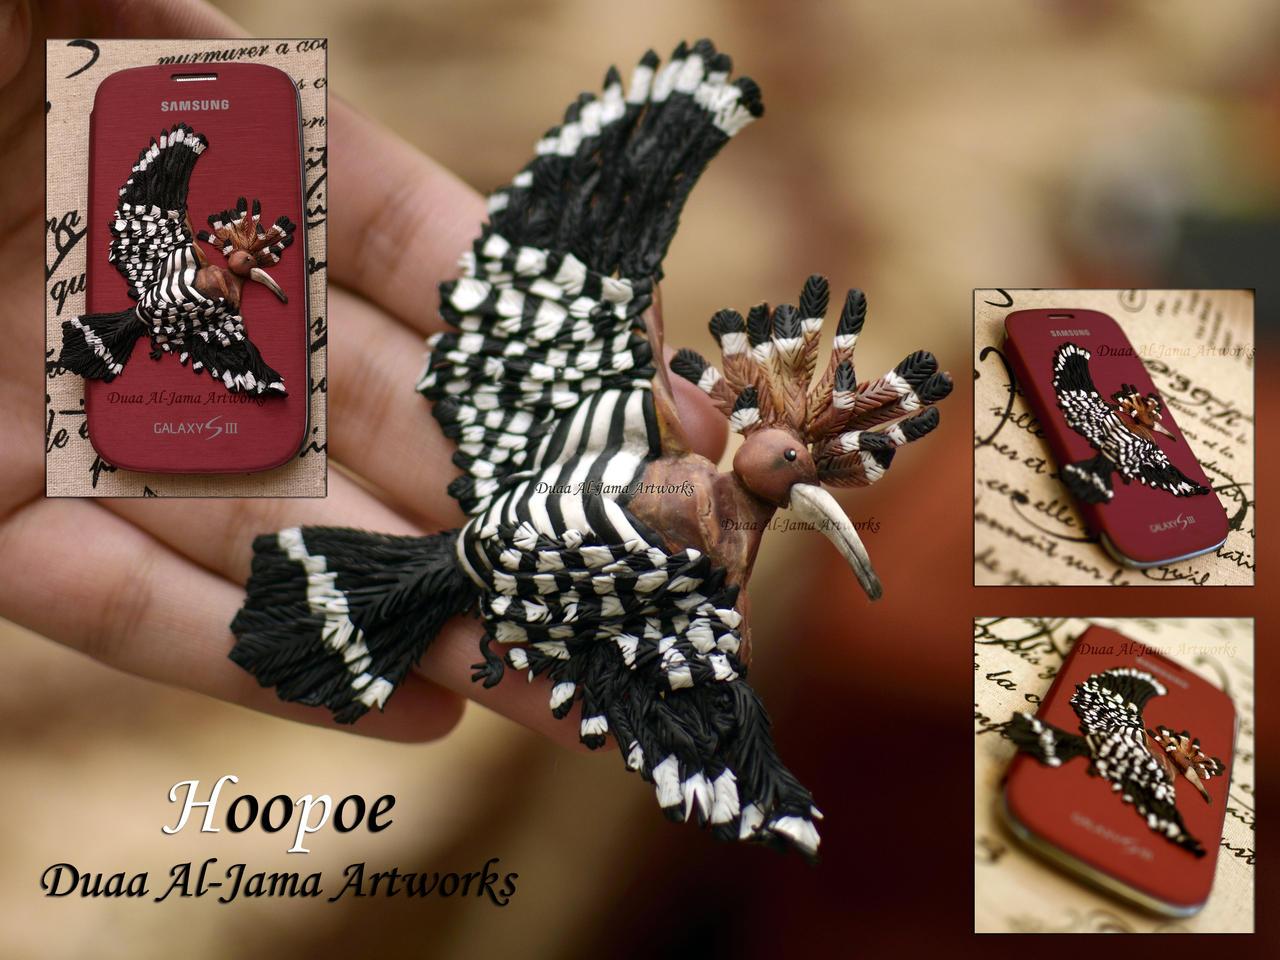 Hoopoe by Beauty-of-love